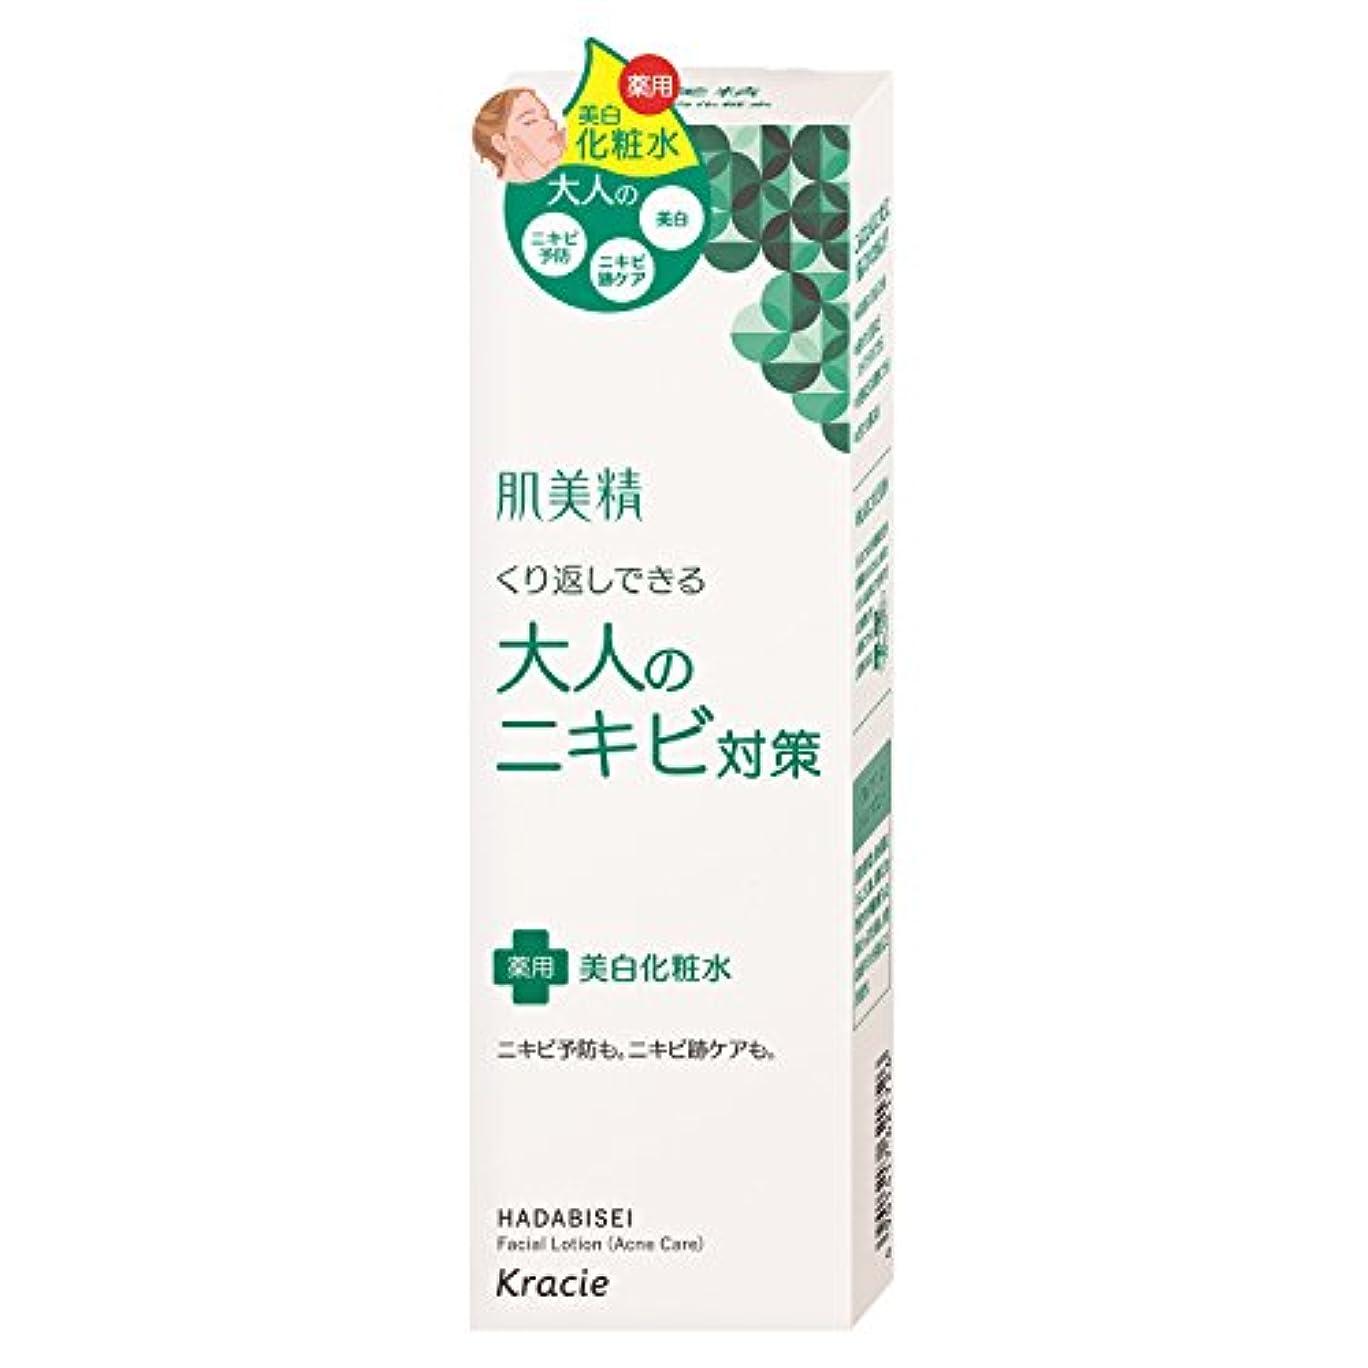 薬を飲む電球推定する肌美精 大人のニキビ対策 薬用美白化粧水 200mL (医薬部外品)